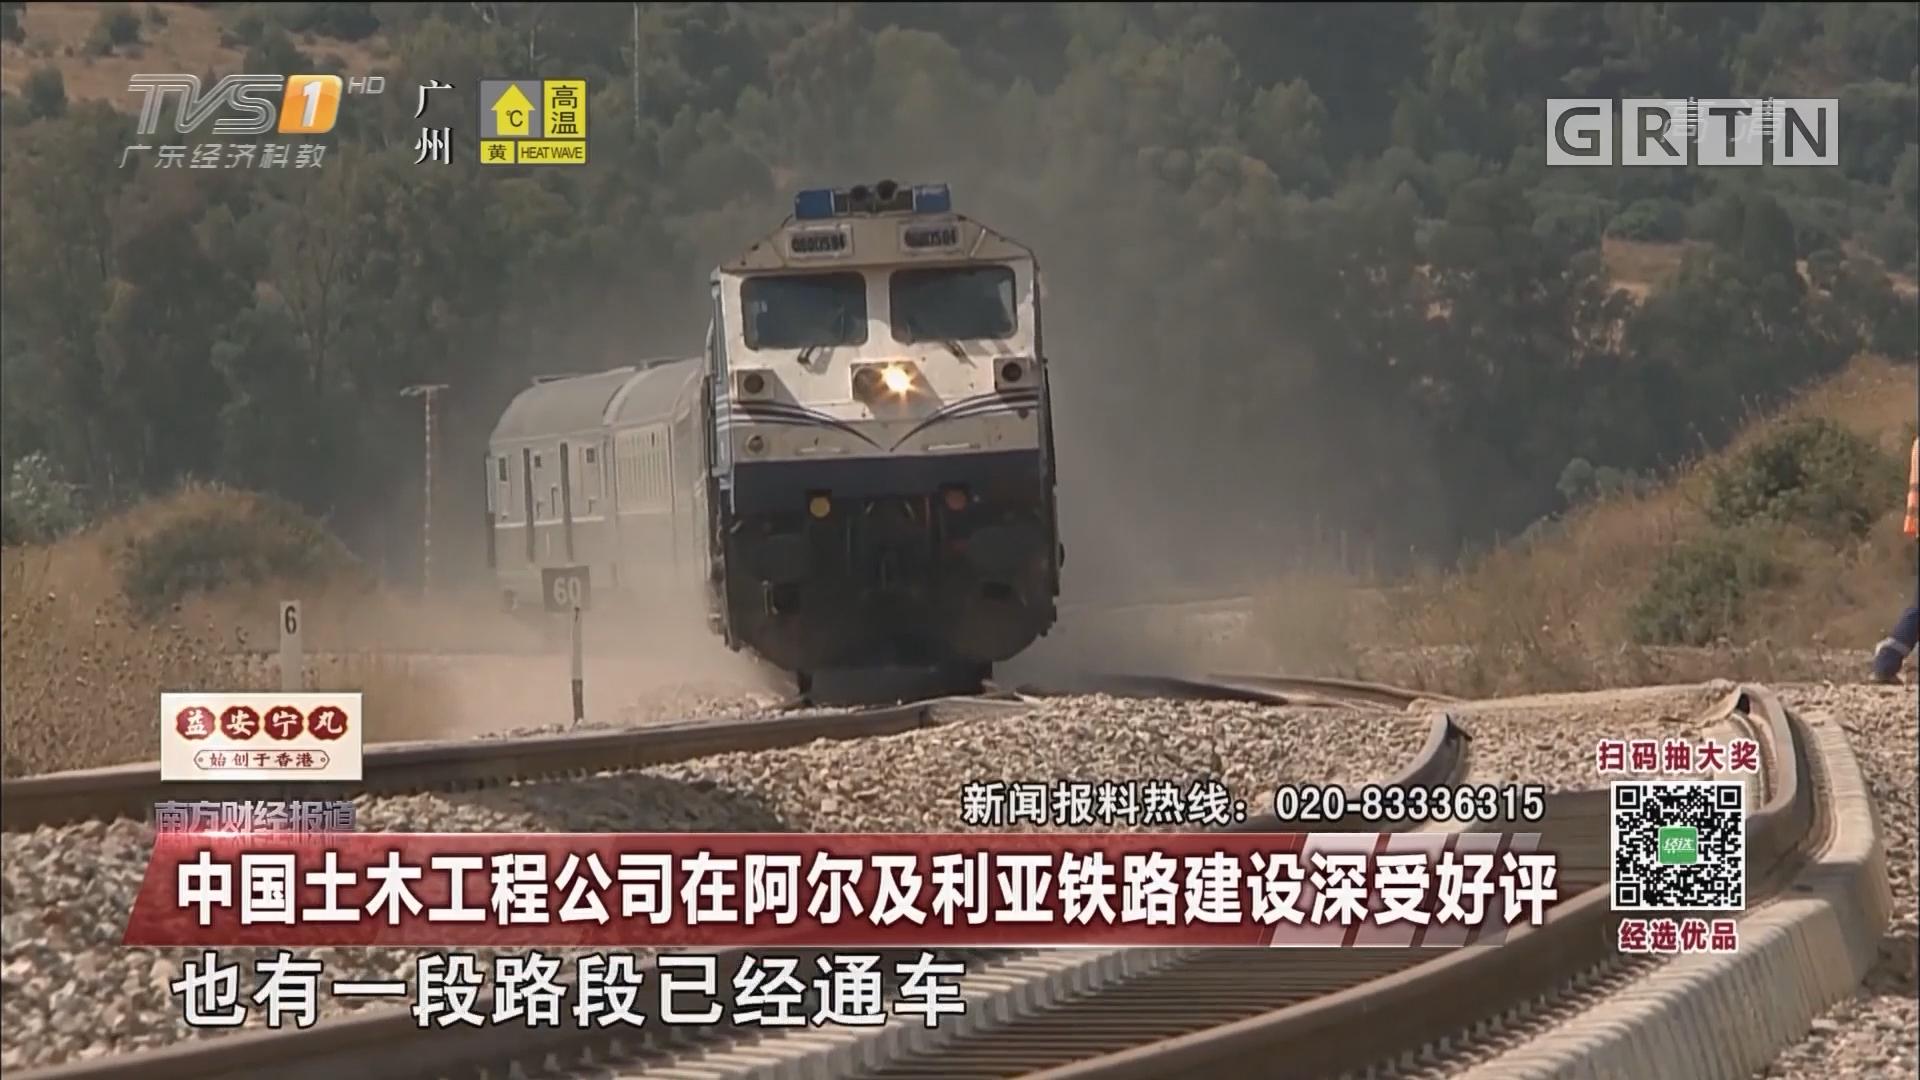 中国土木工程公司在阿尔及利亚铁路建设深受好评